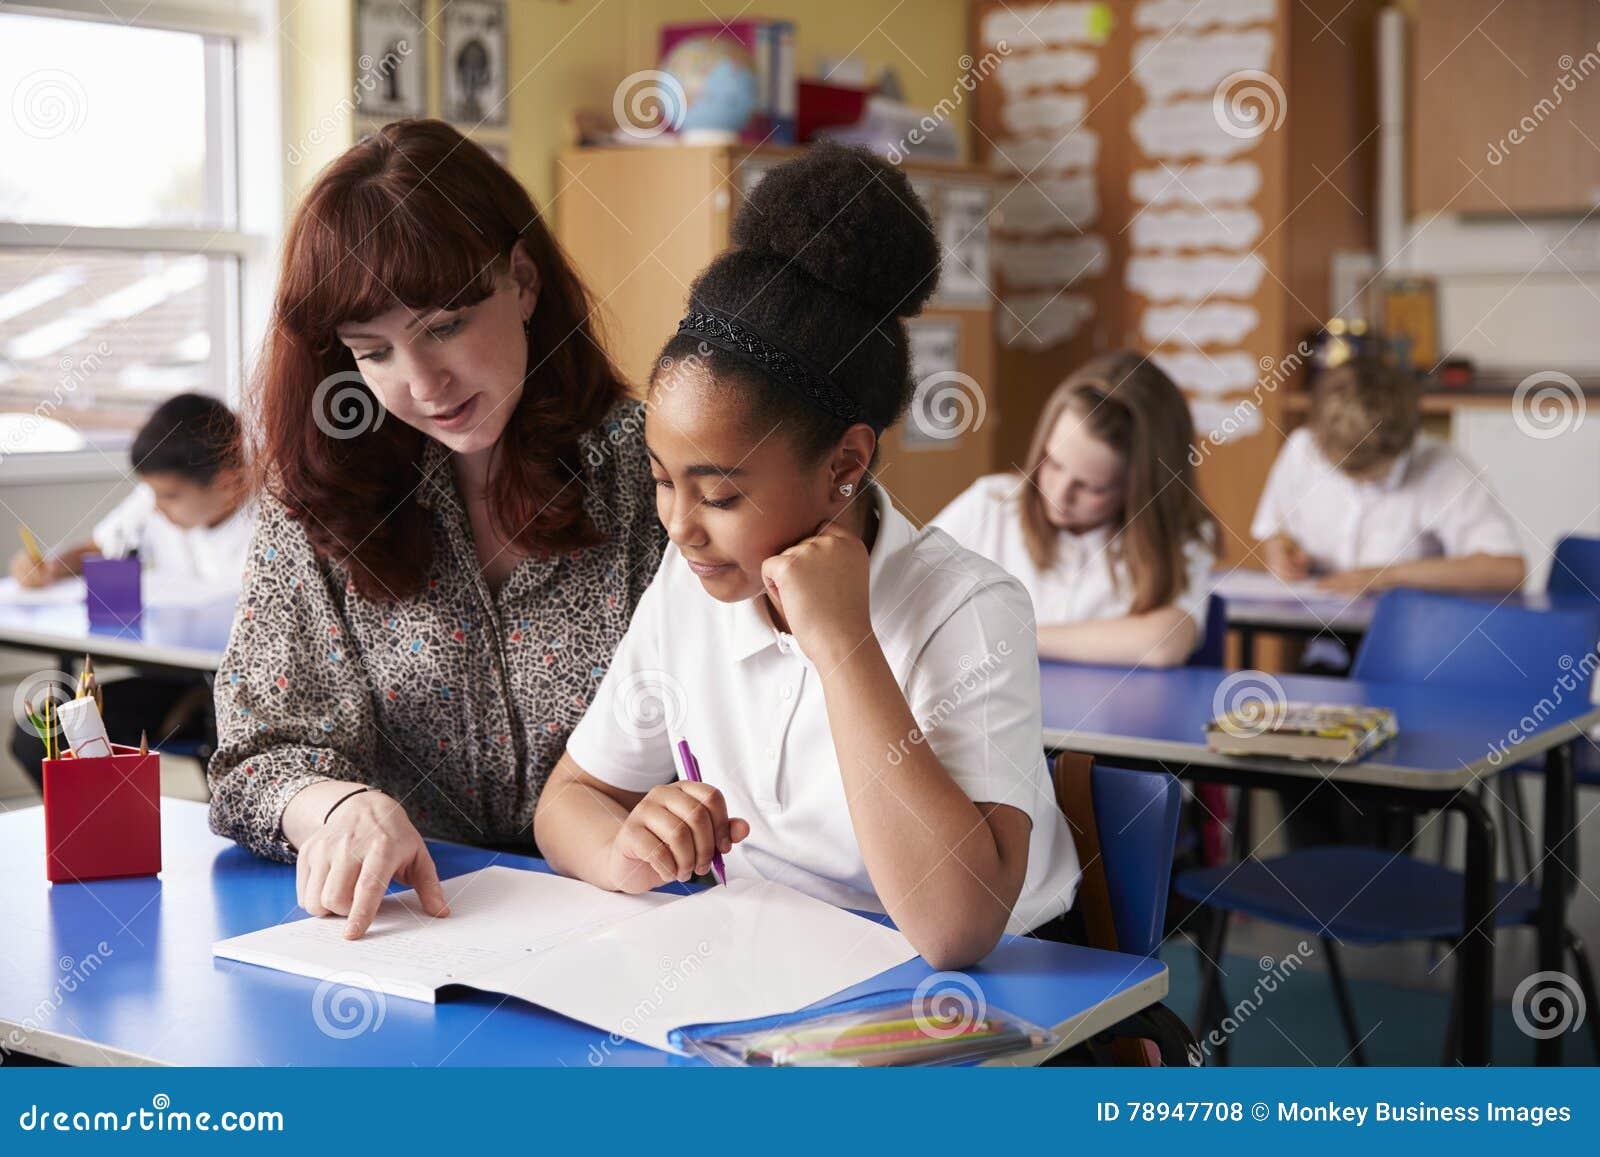 Grundskola för barn mellan 5 och 11 årlärare som hjälper en skolflicka på hennes skrivbord